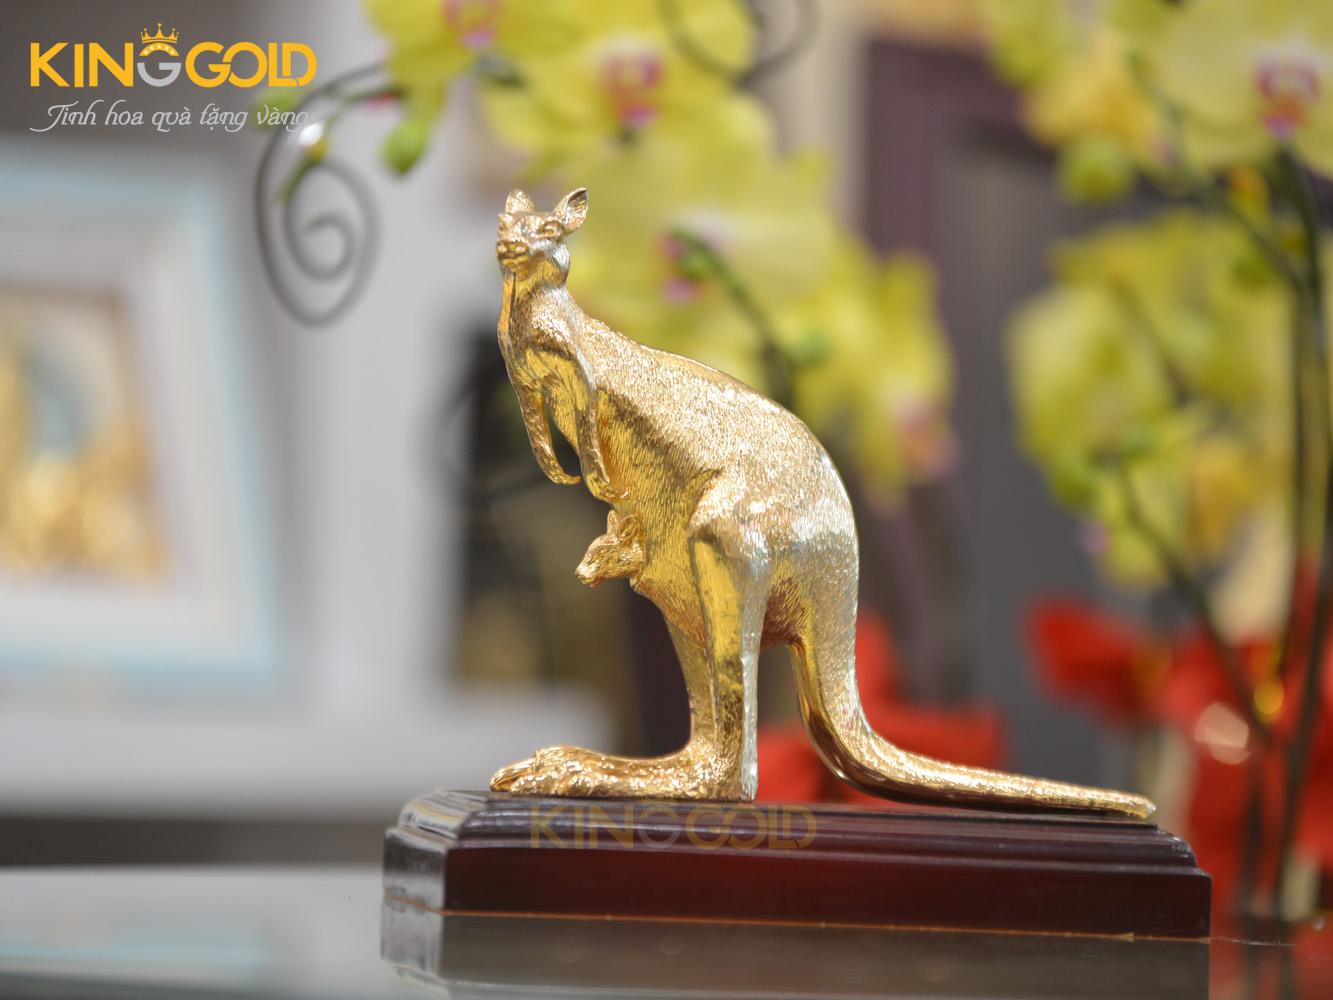 Tượng chuột túi, kanggaroo biểu tượng nước Úc